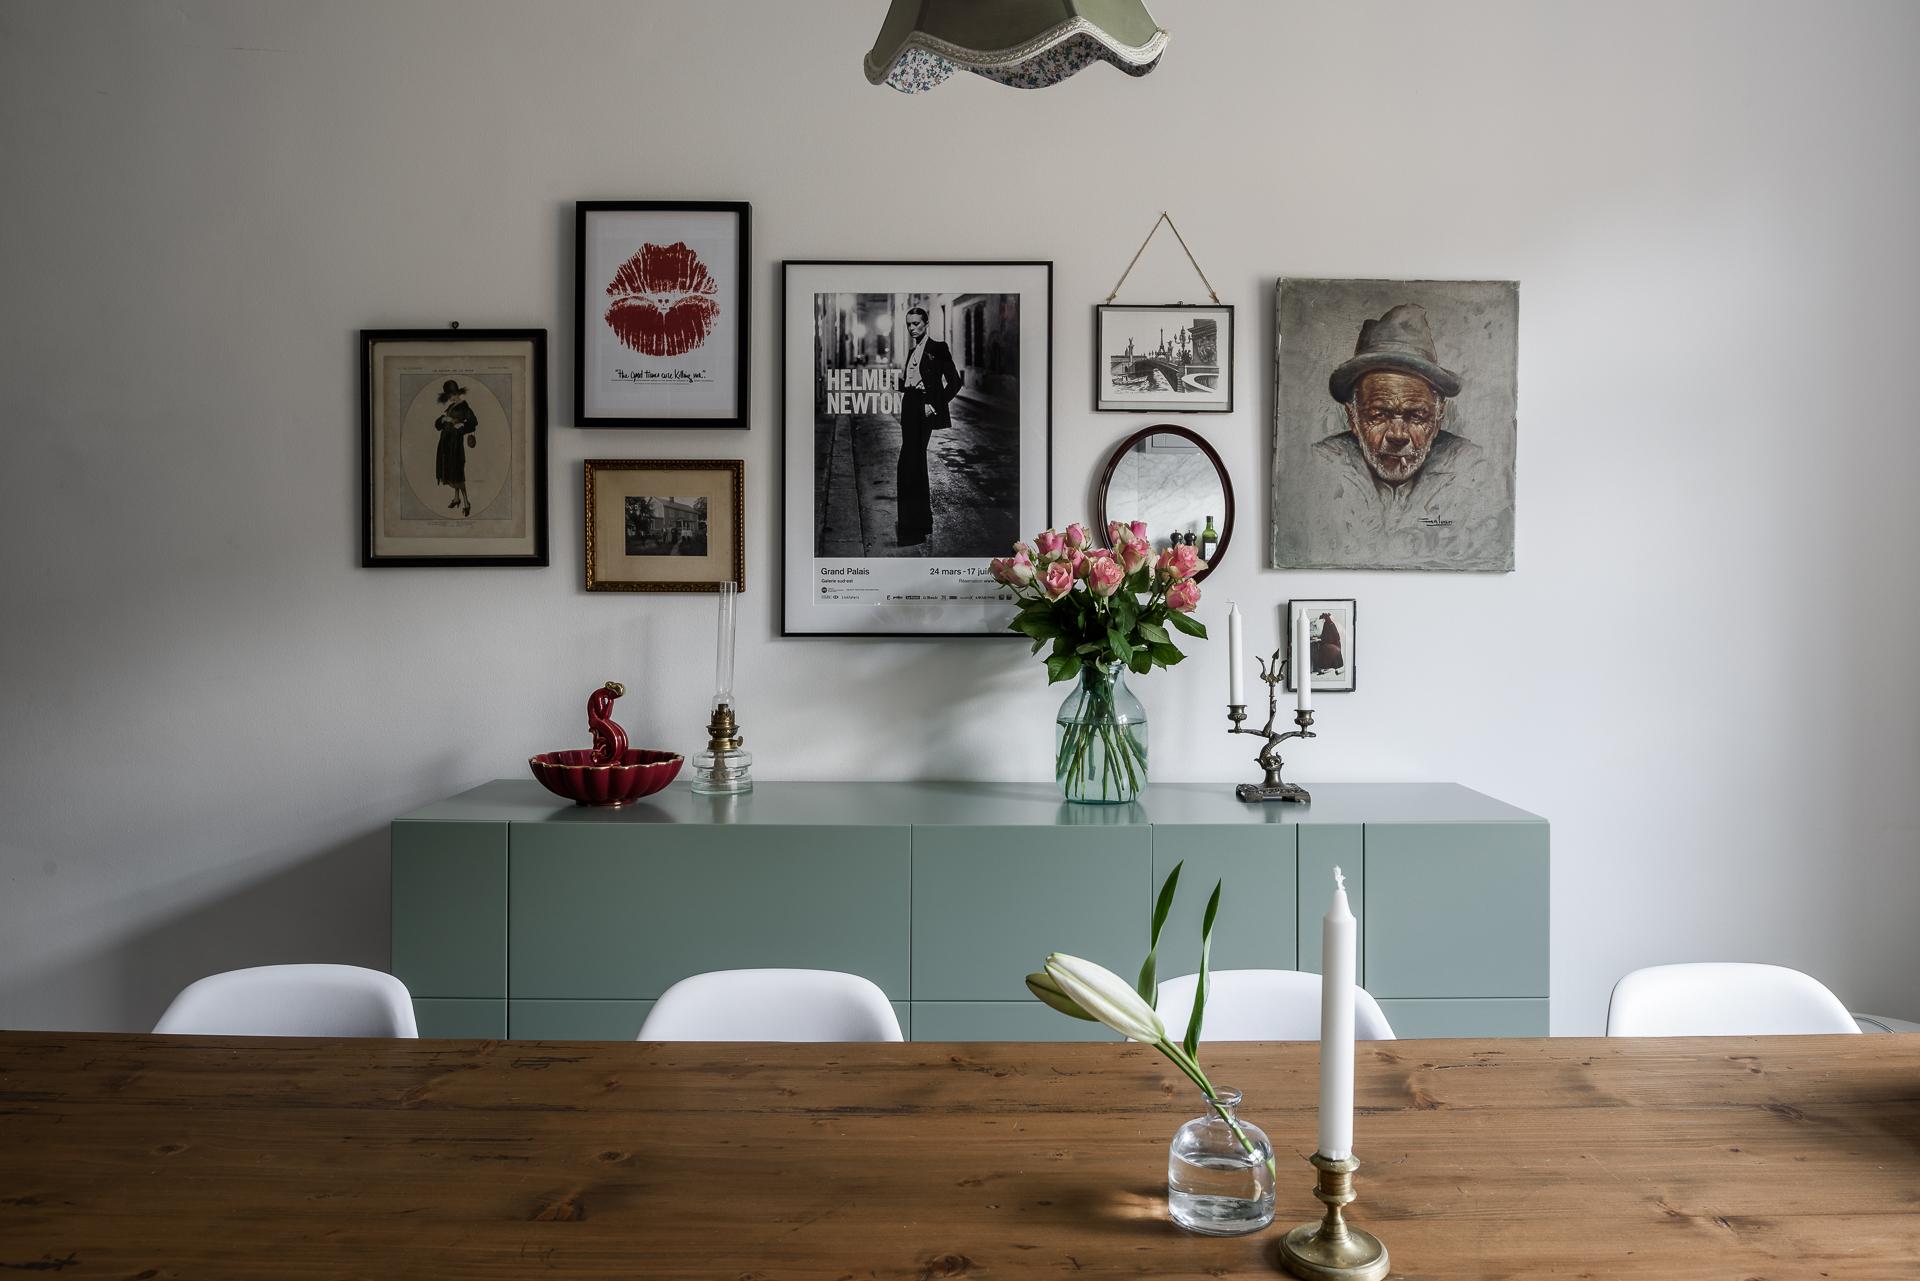 обеденный стол стулья комод картины постеры ваза с цветами